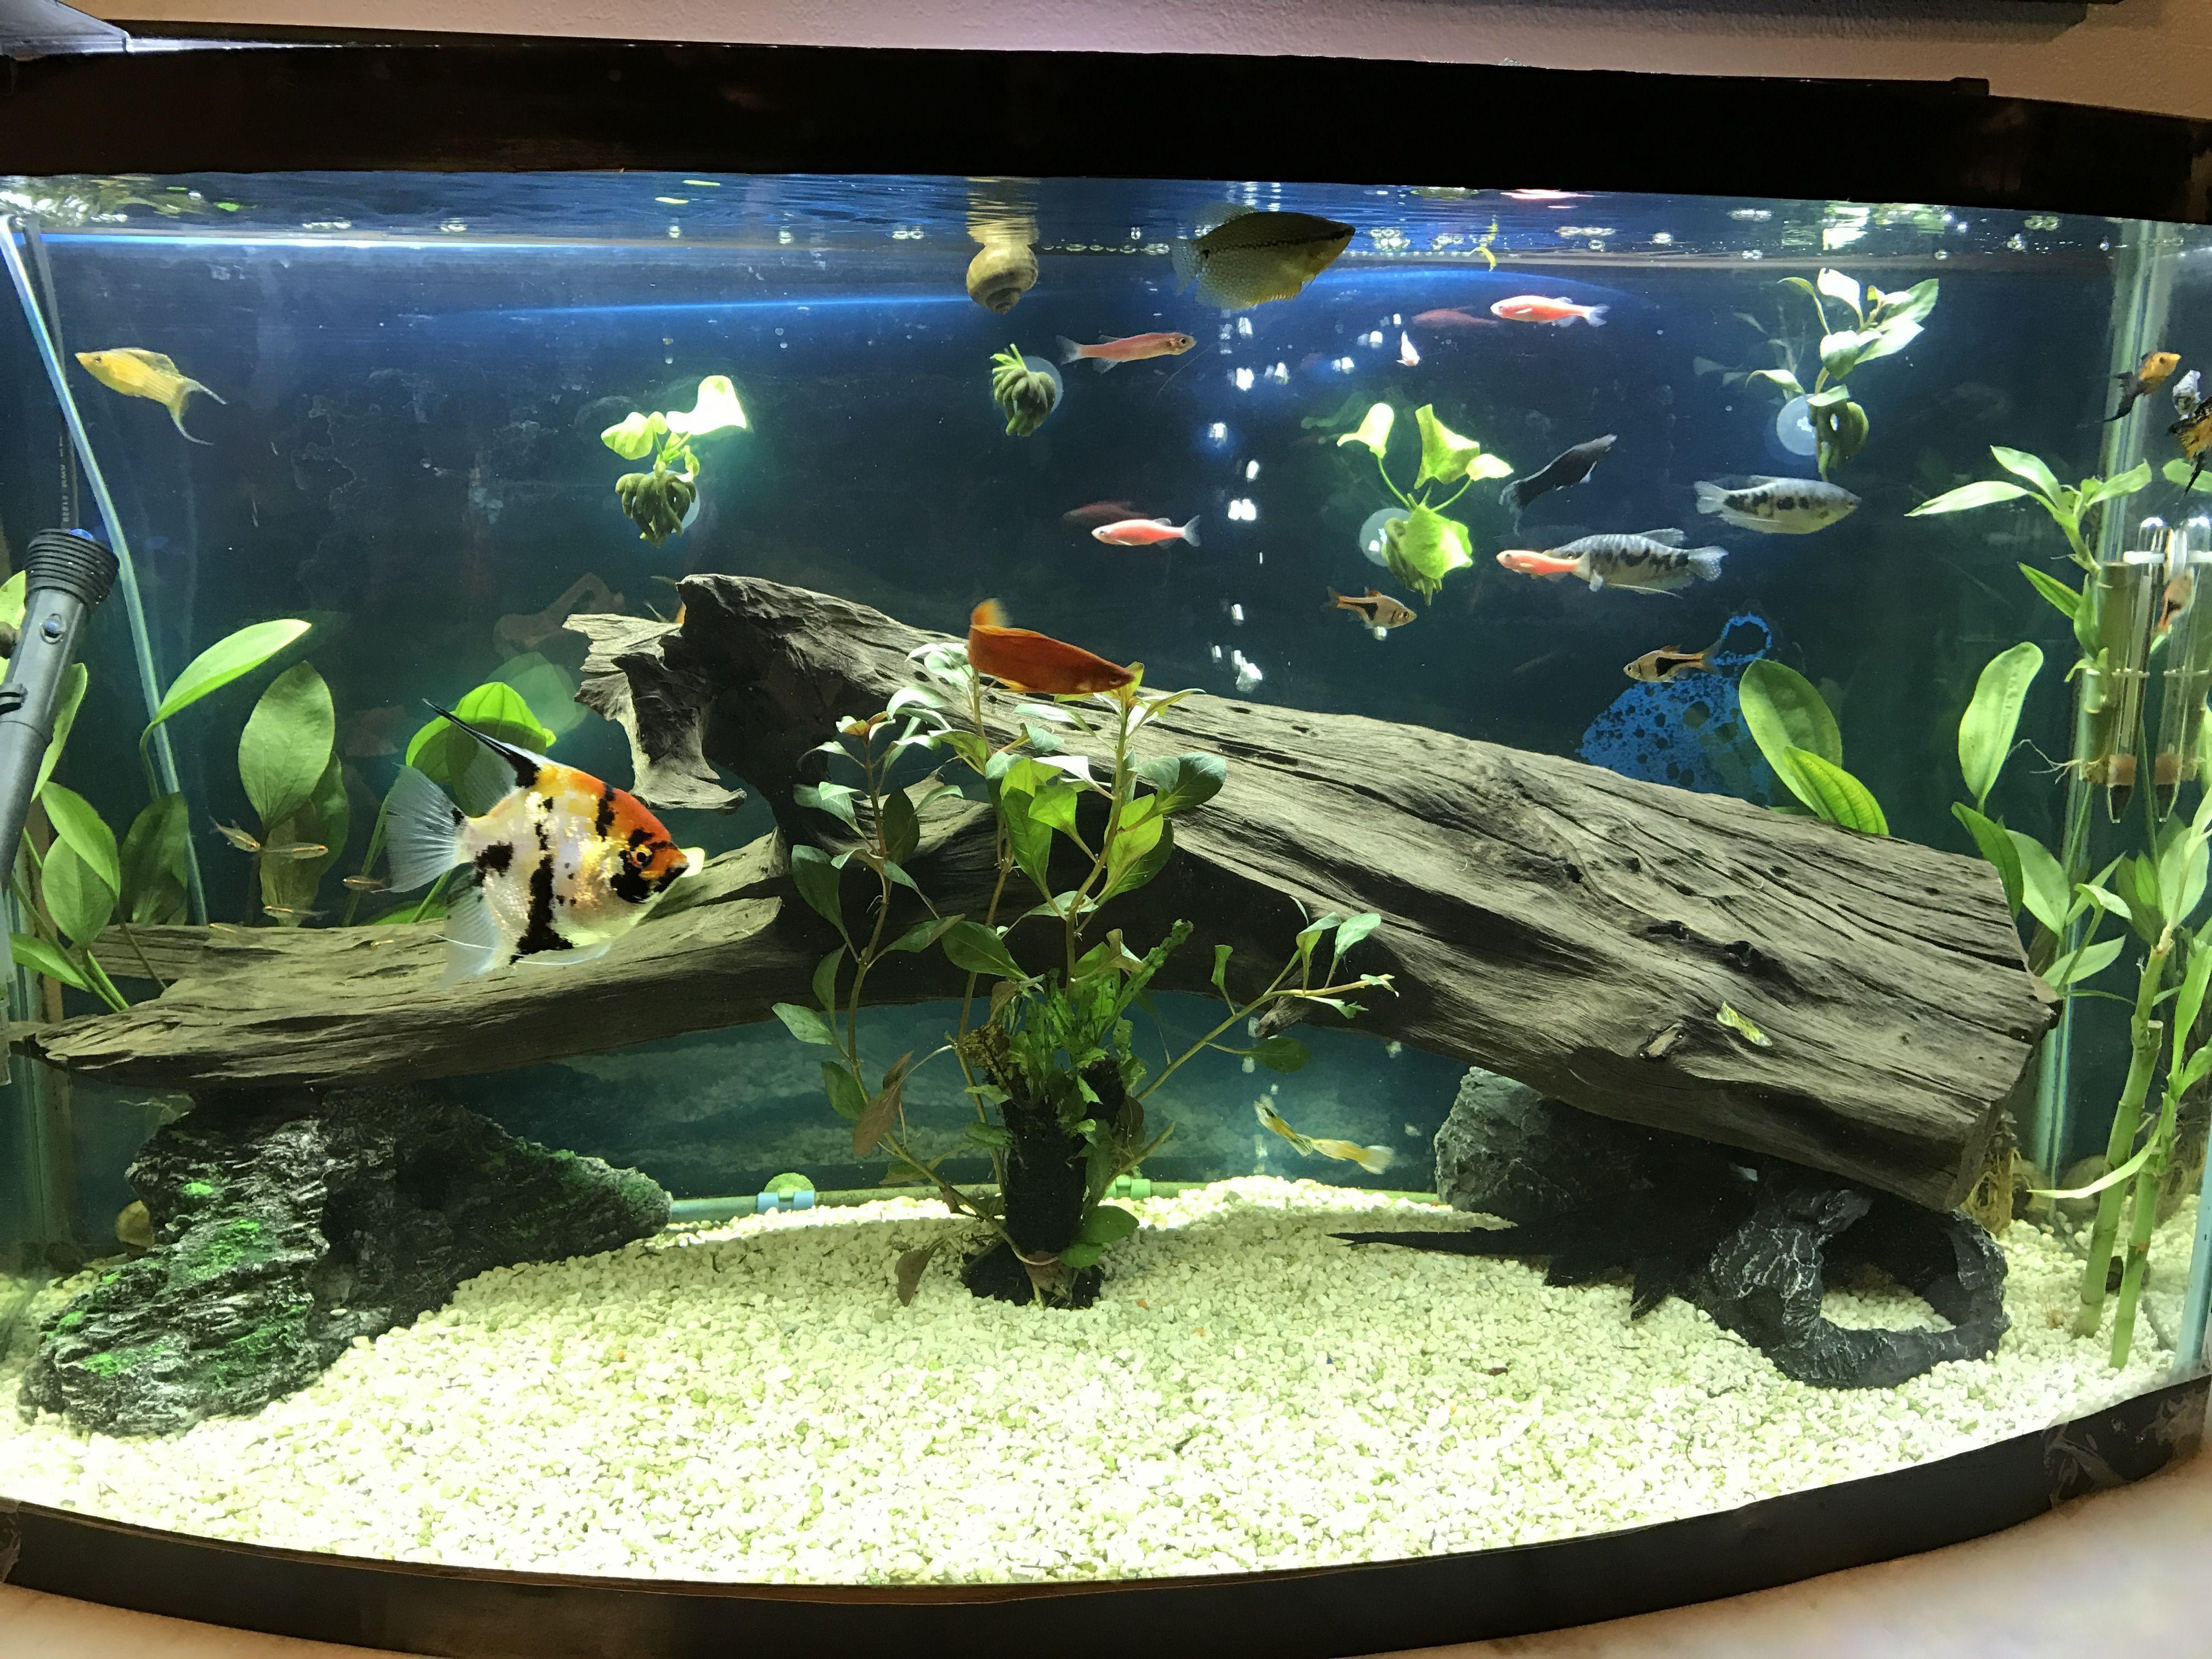 Freshwater Aquarium Tropicalfishaquariumideas